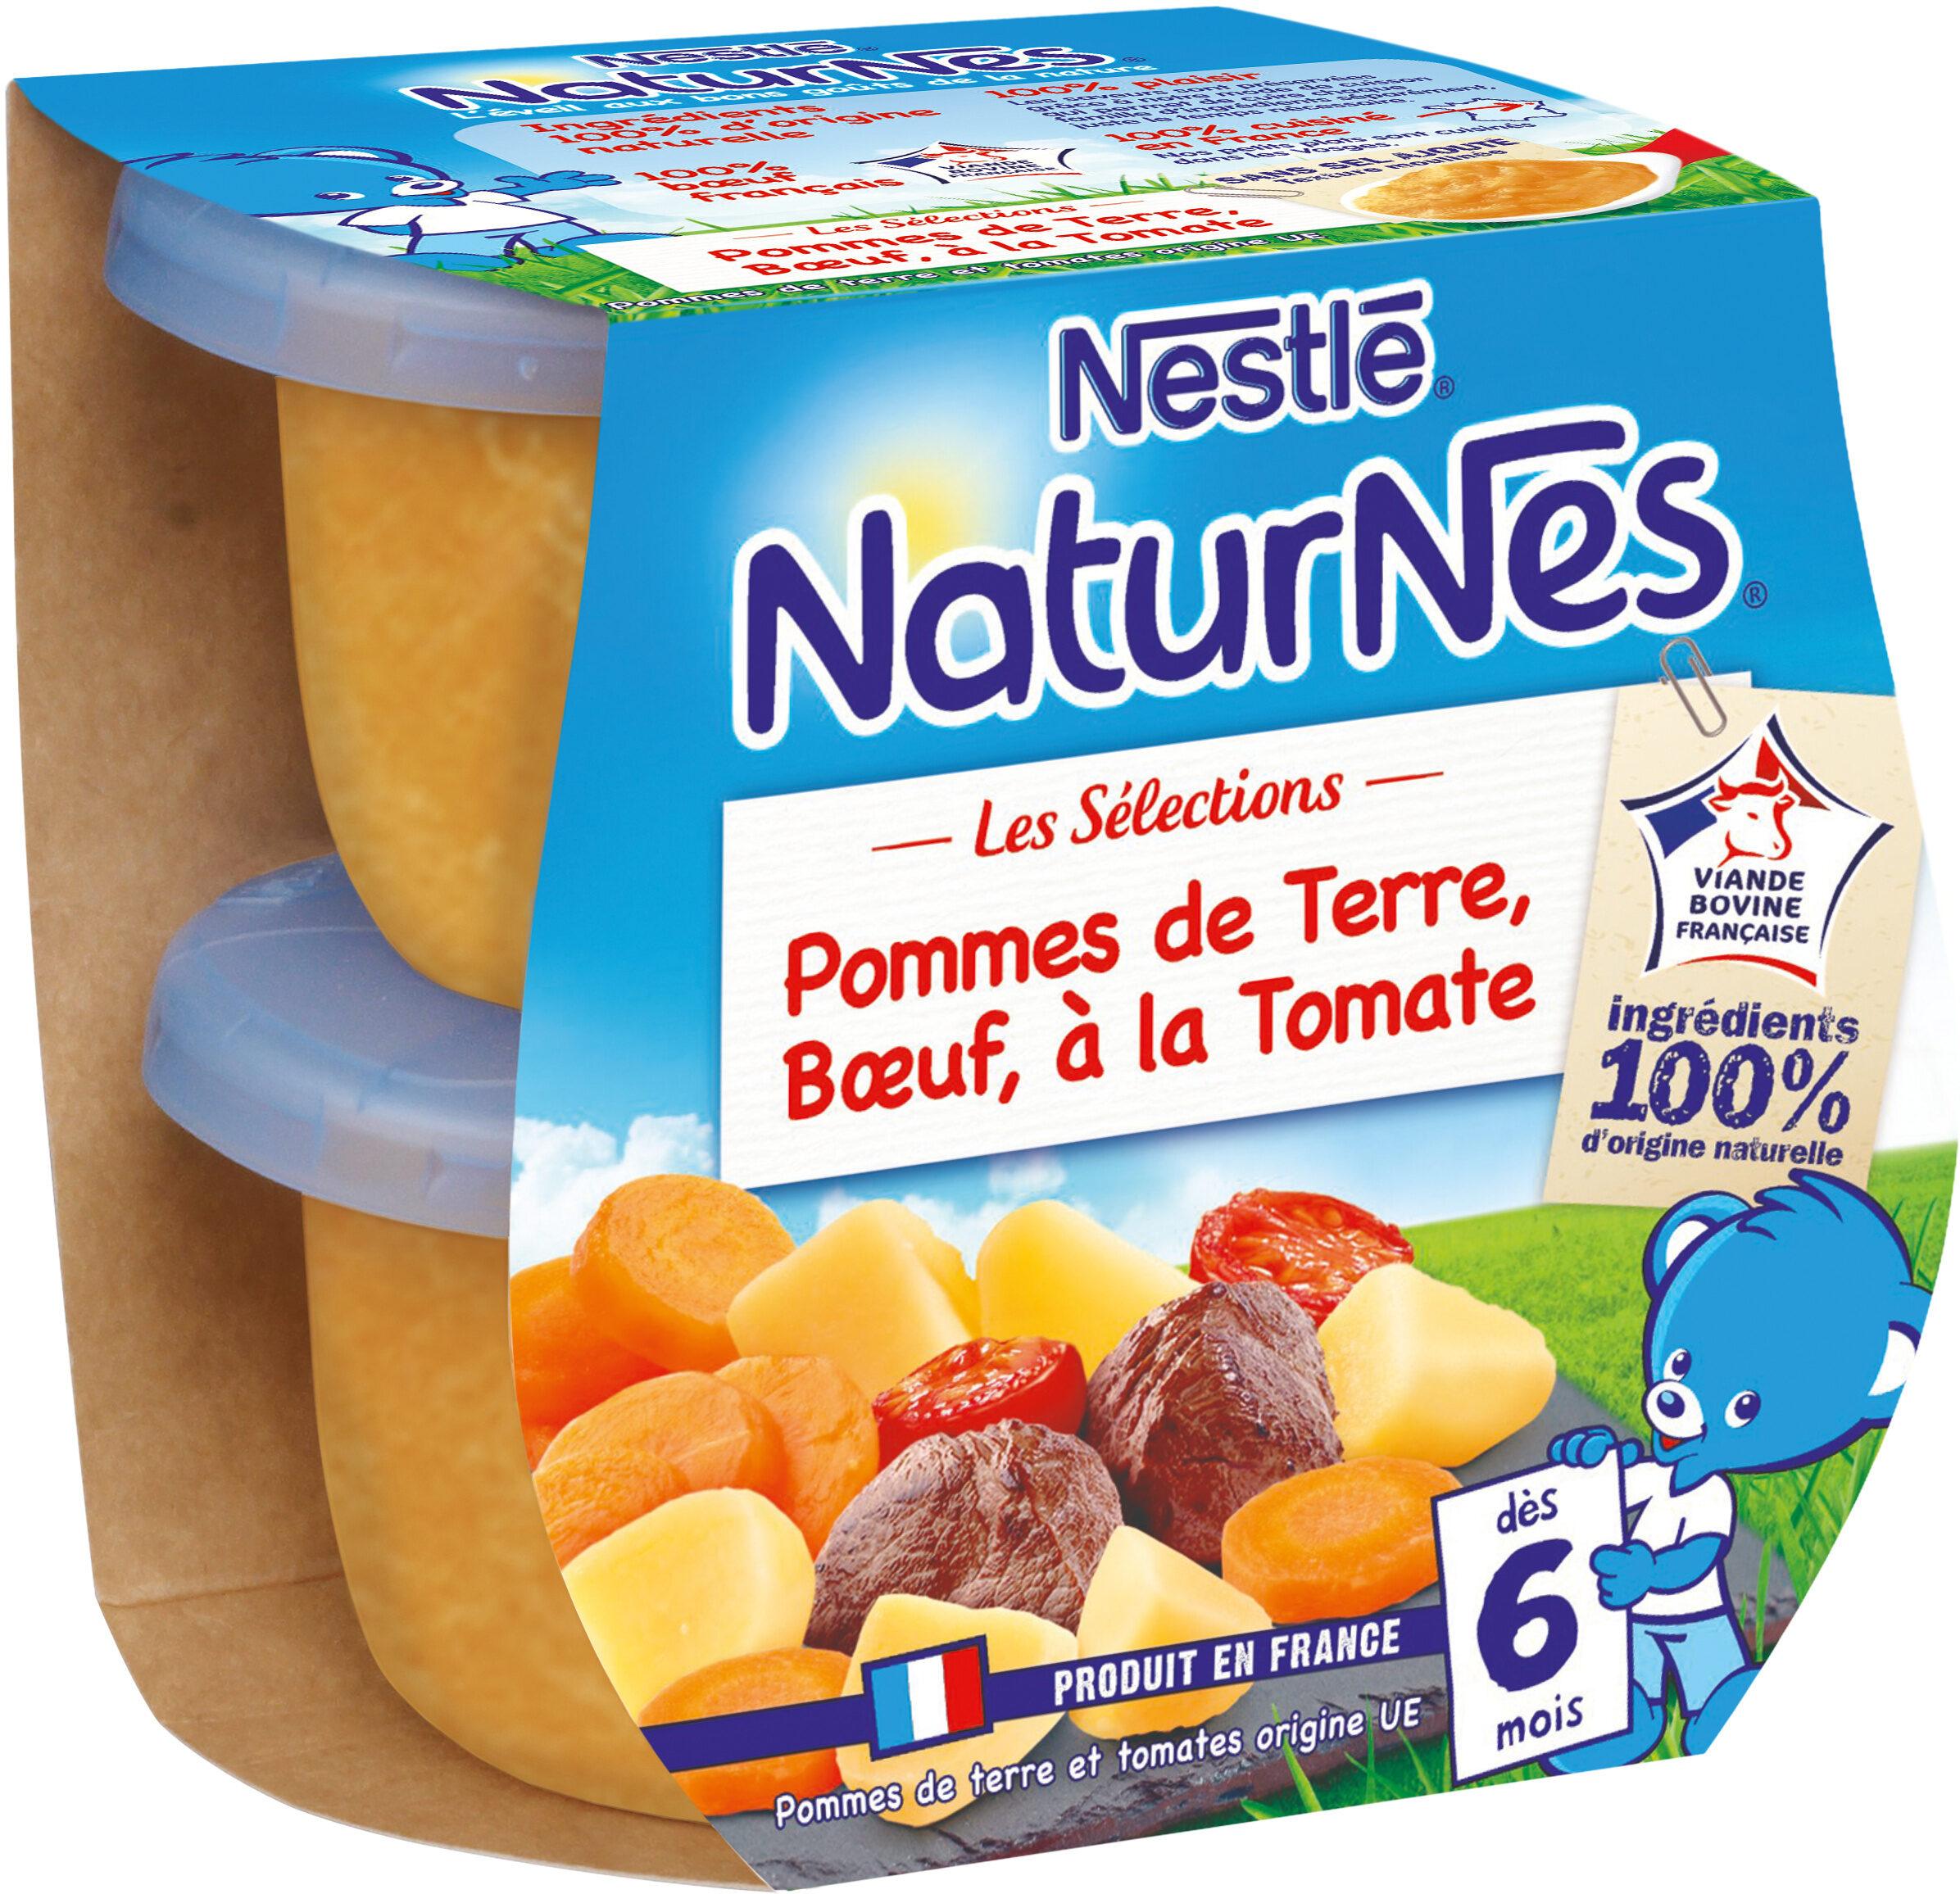 NESTLE NATURNES Les Sélections Petits Pots Bébé Pommes de terre, Bœuf à la tomate -2x200g -Dès 6 mois - Prodotto - fr